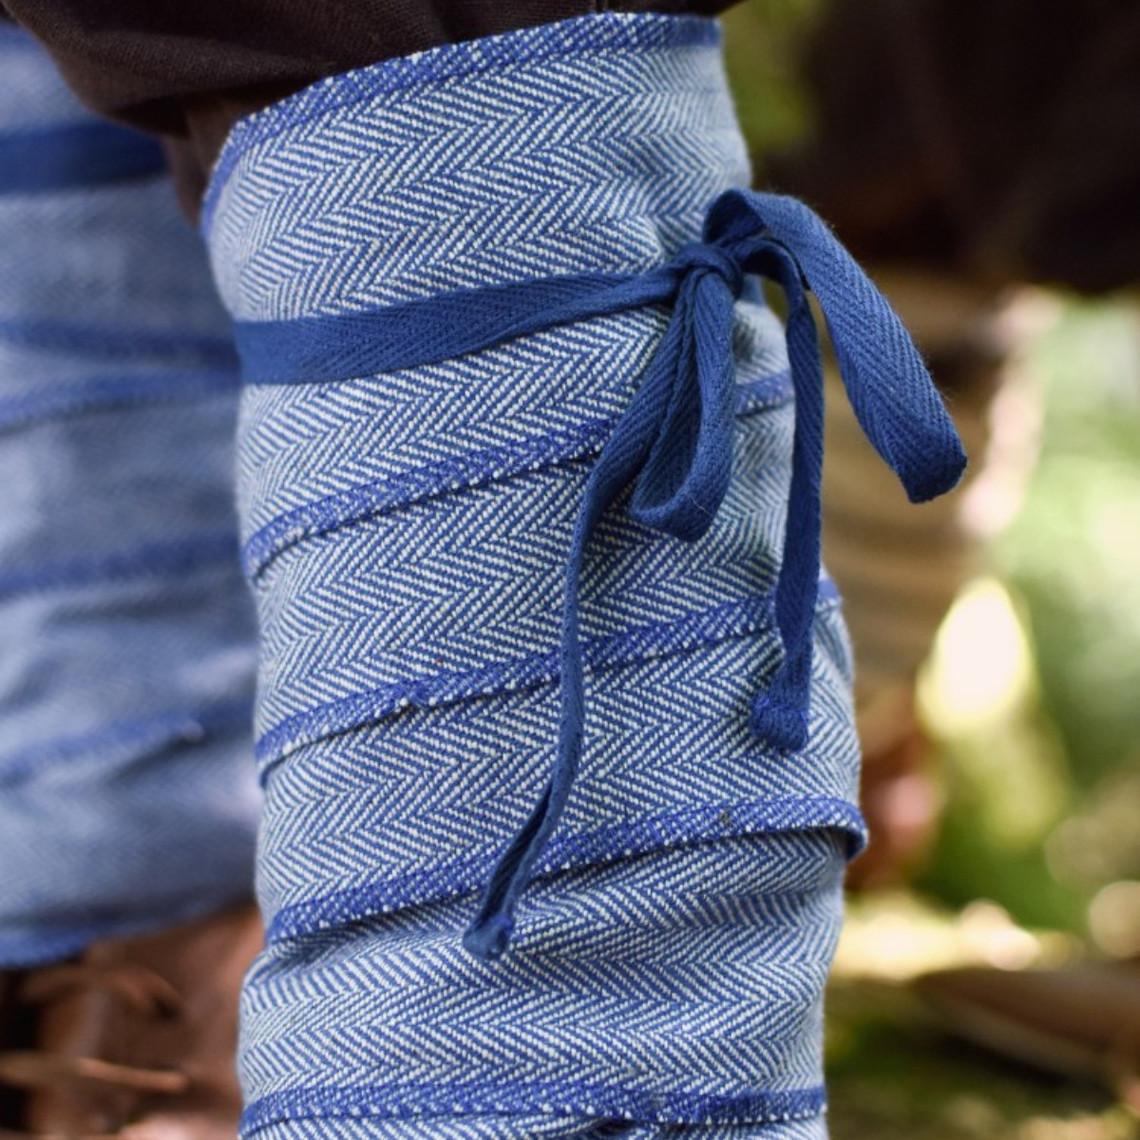 enveloppements de jambe pour les enfants, bleu